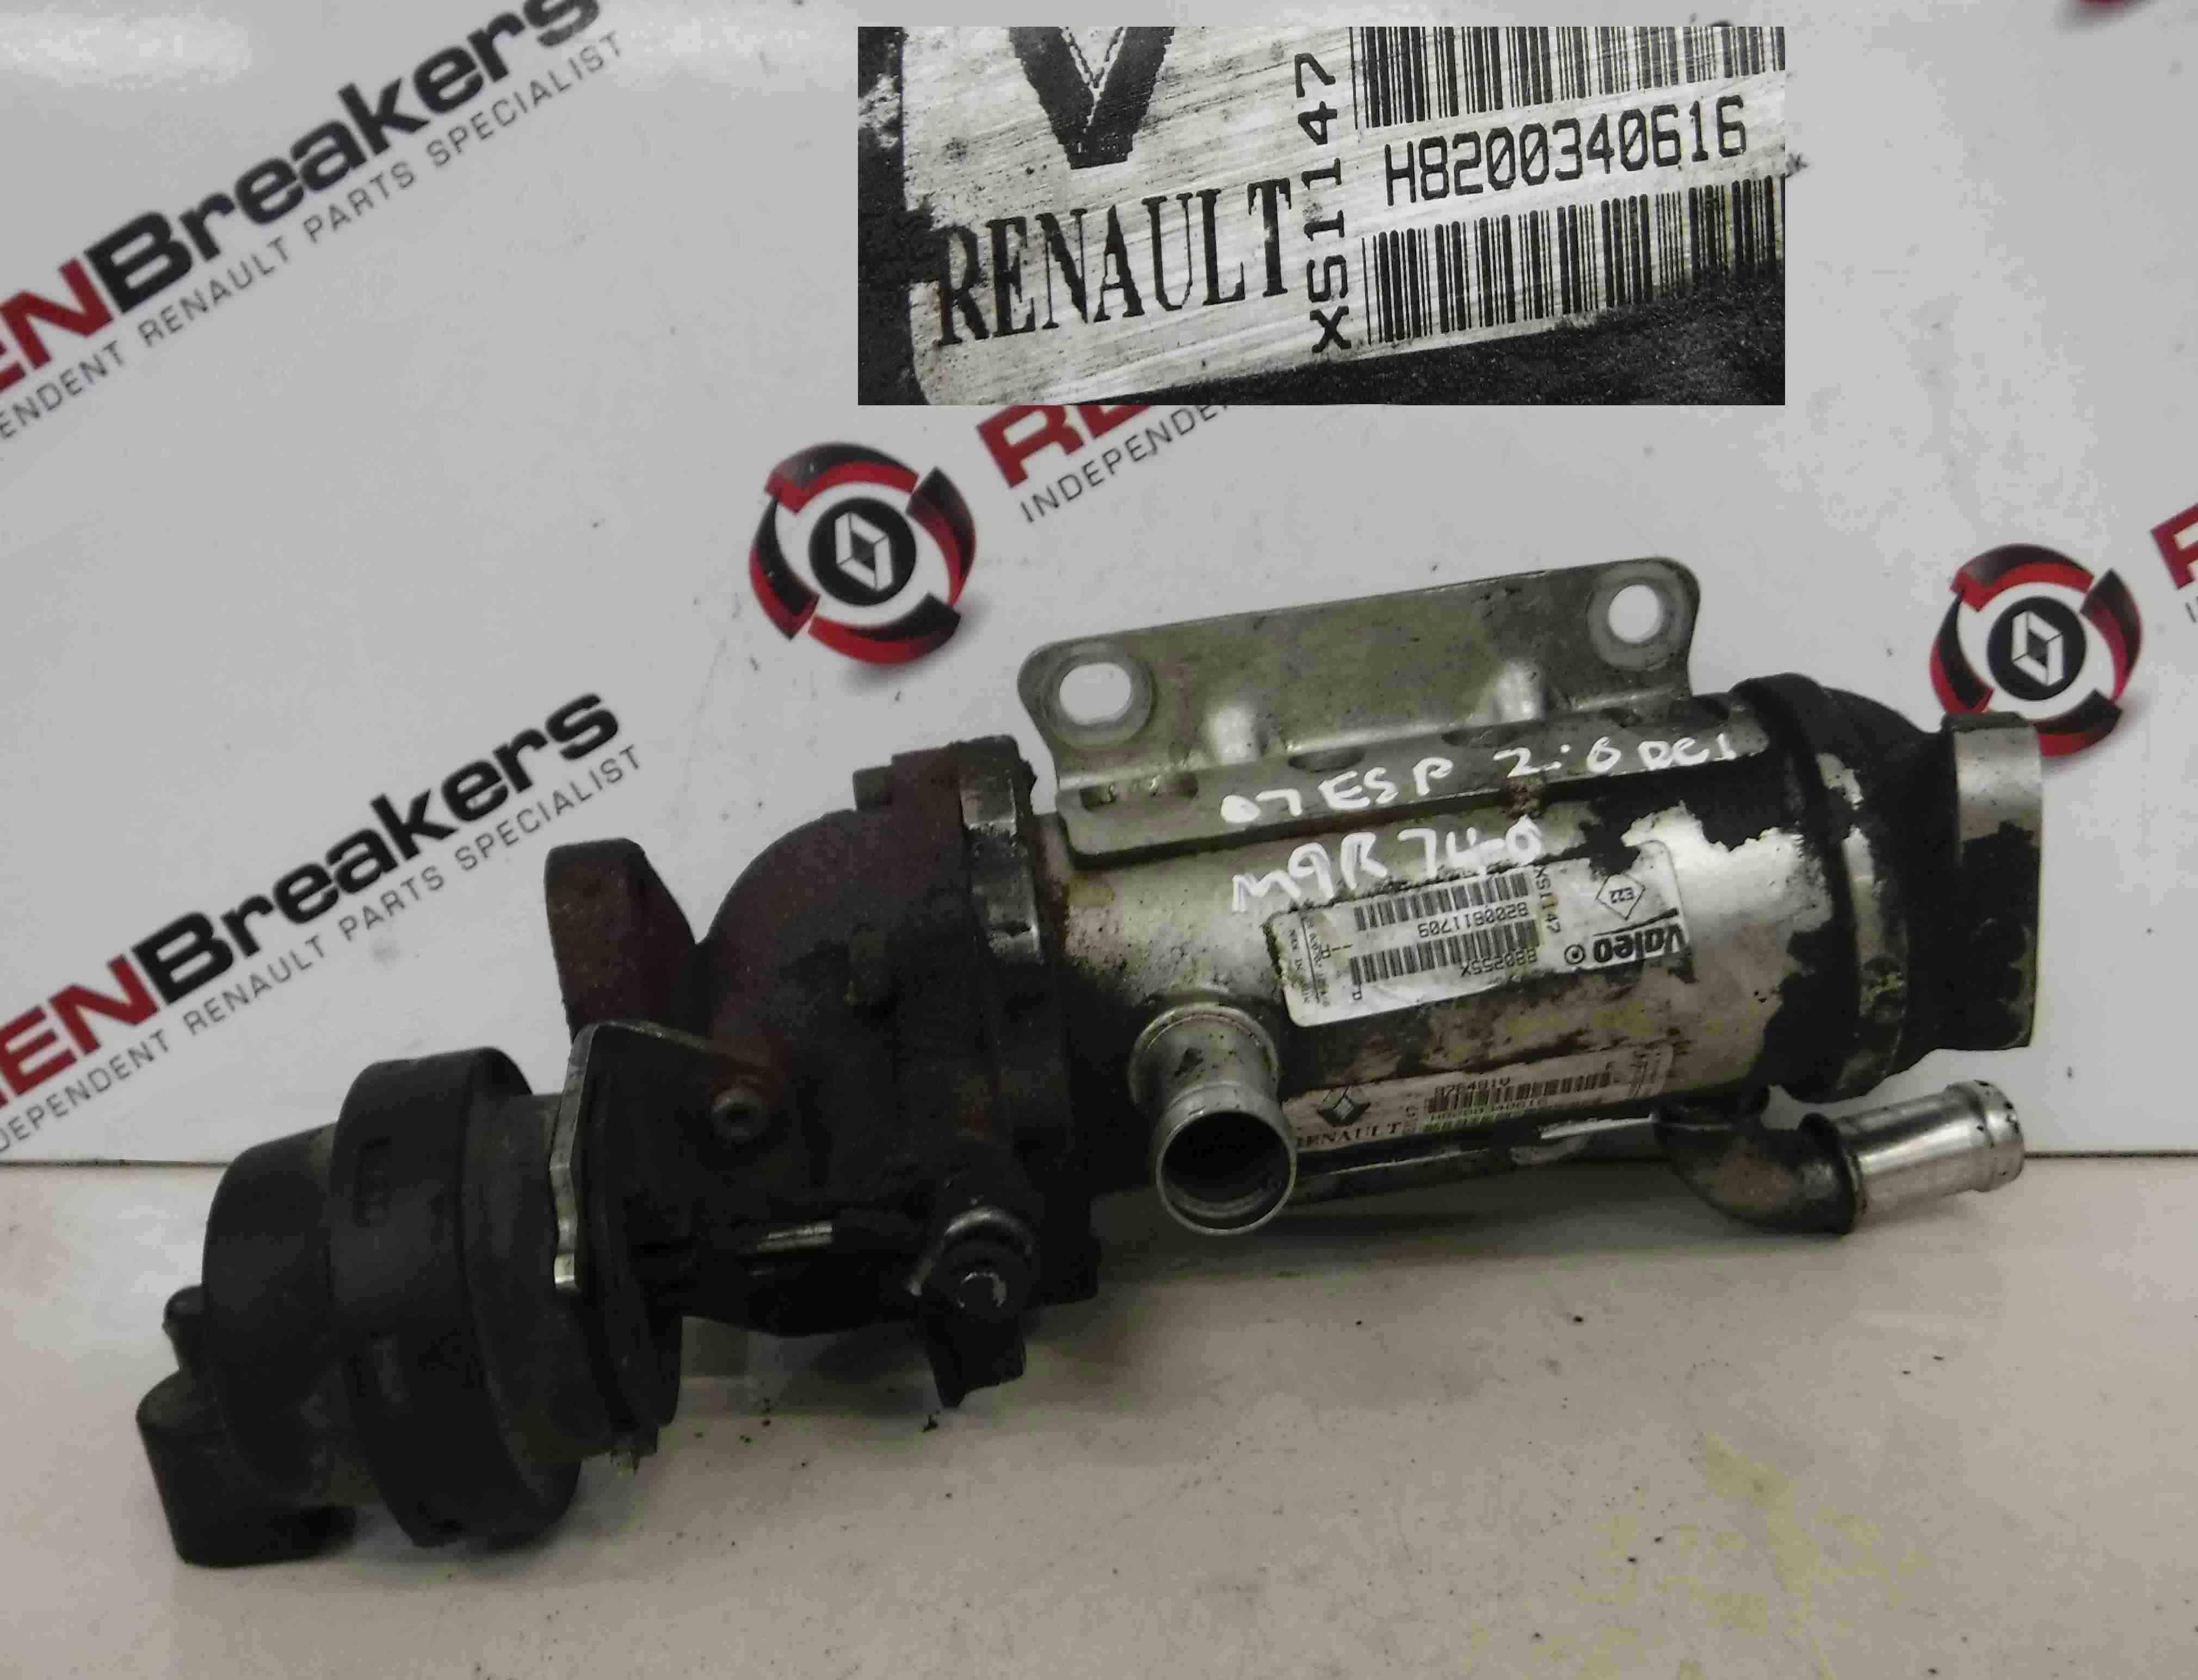 Renault Espace + Laguna 2003-2013 2.0 dCi EGR Valve Housing 8200340616